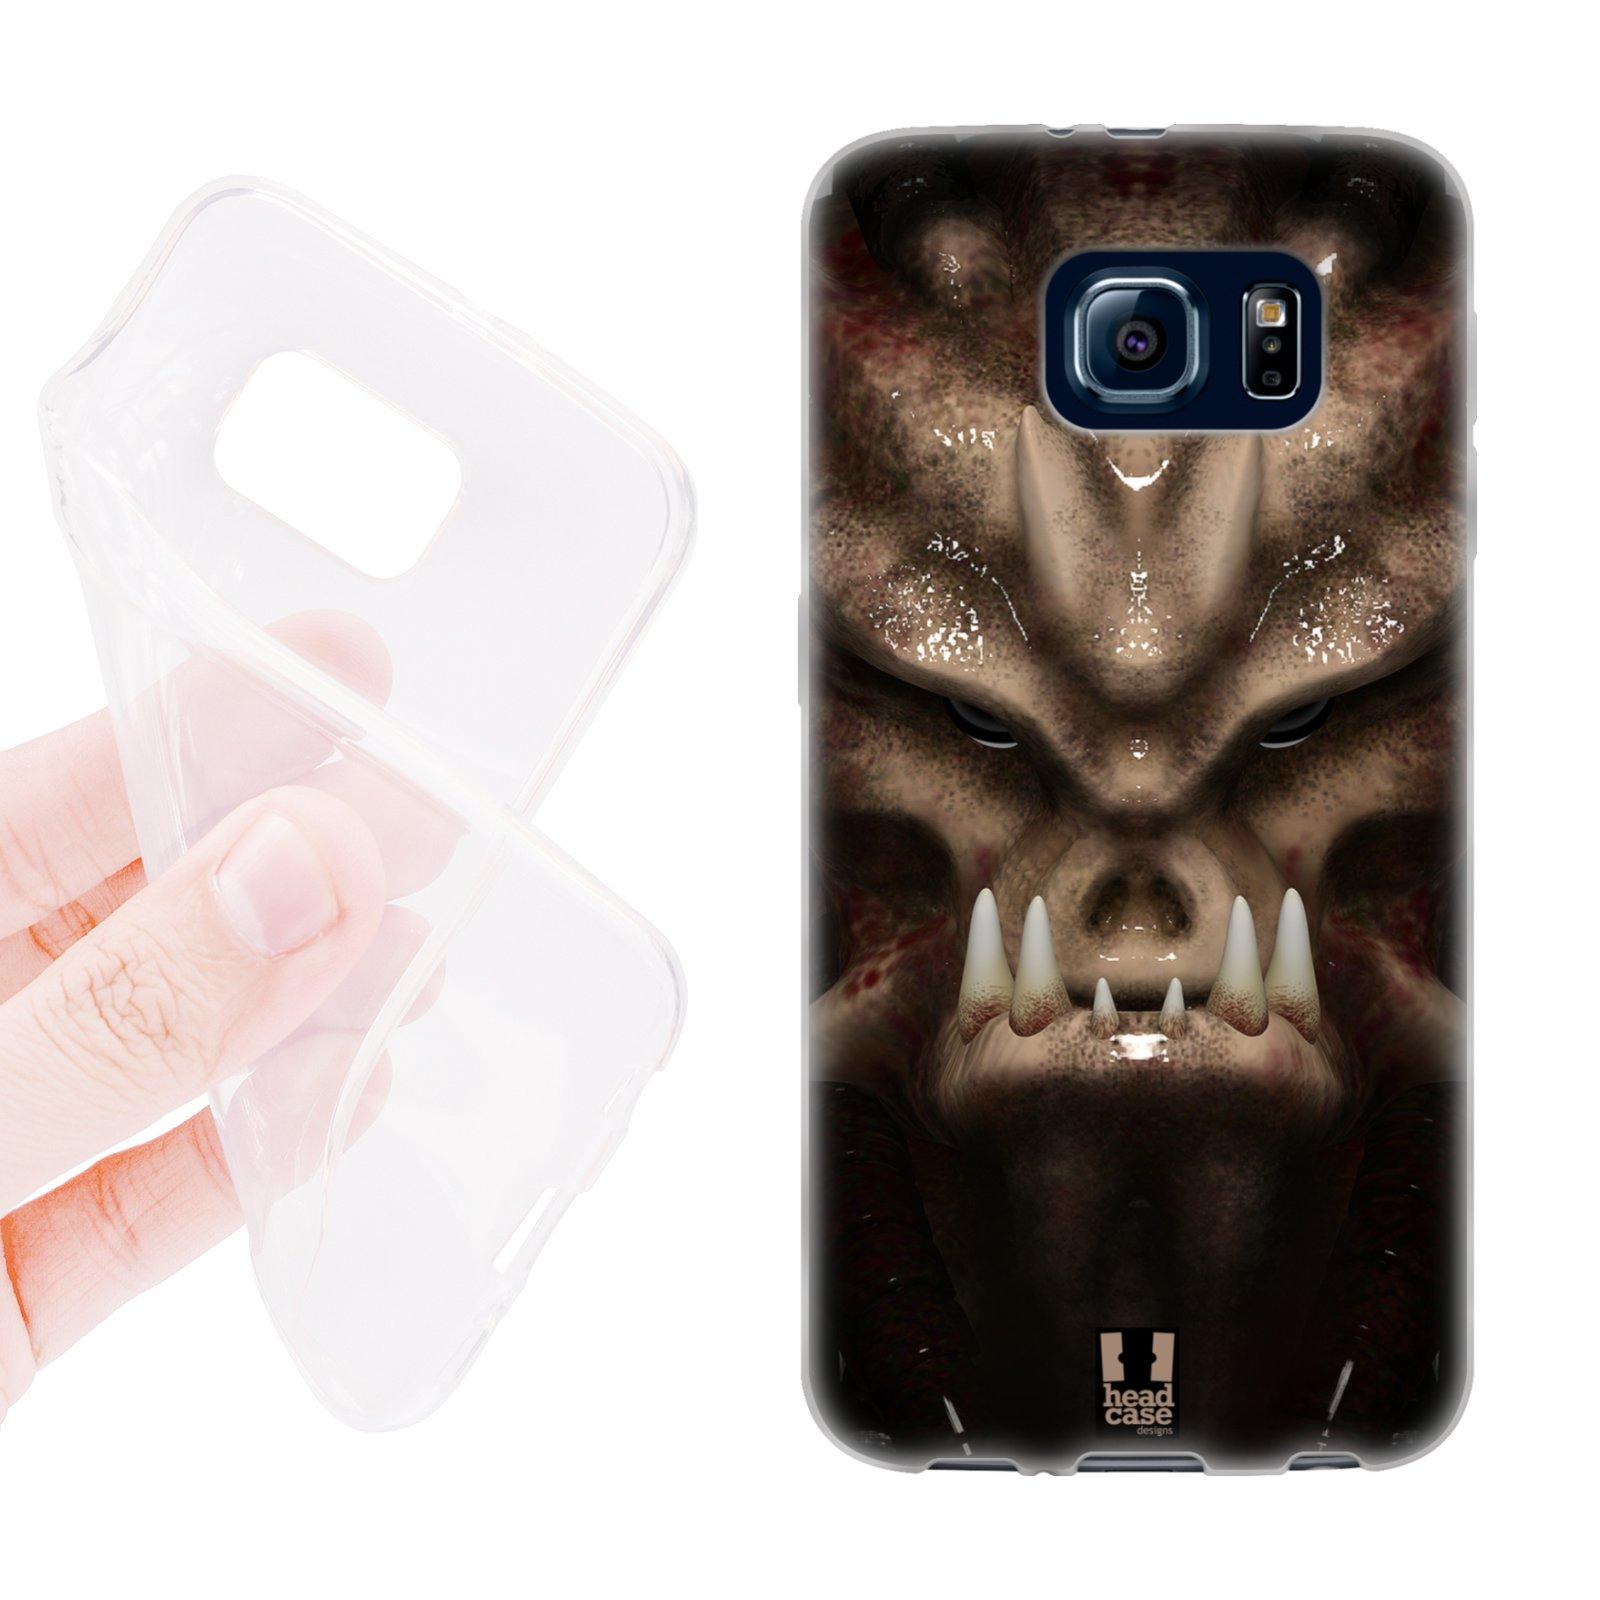 HEAD CASE silikonový obal na mobil Samsung galaxy S6 vesmírný válečník vetřelec